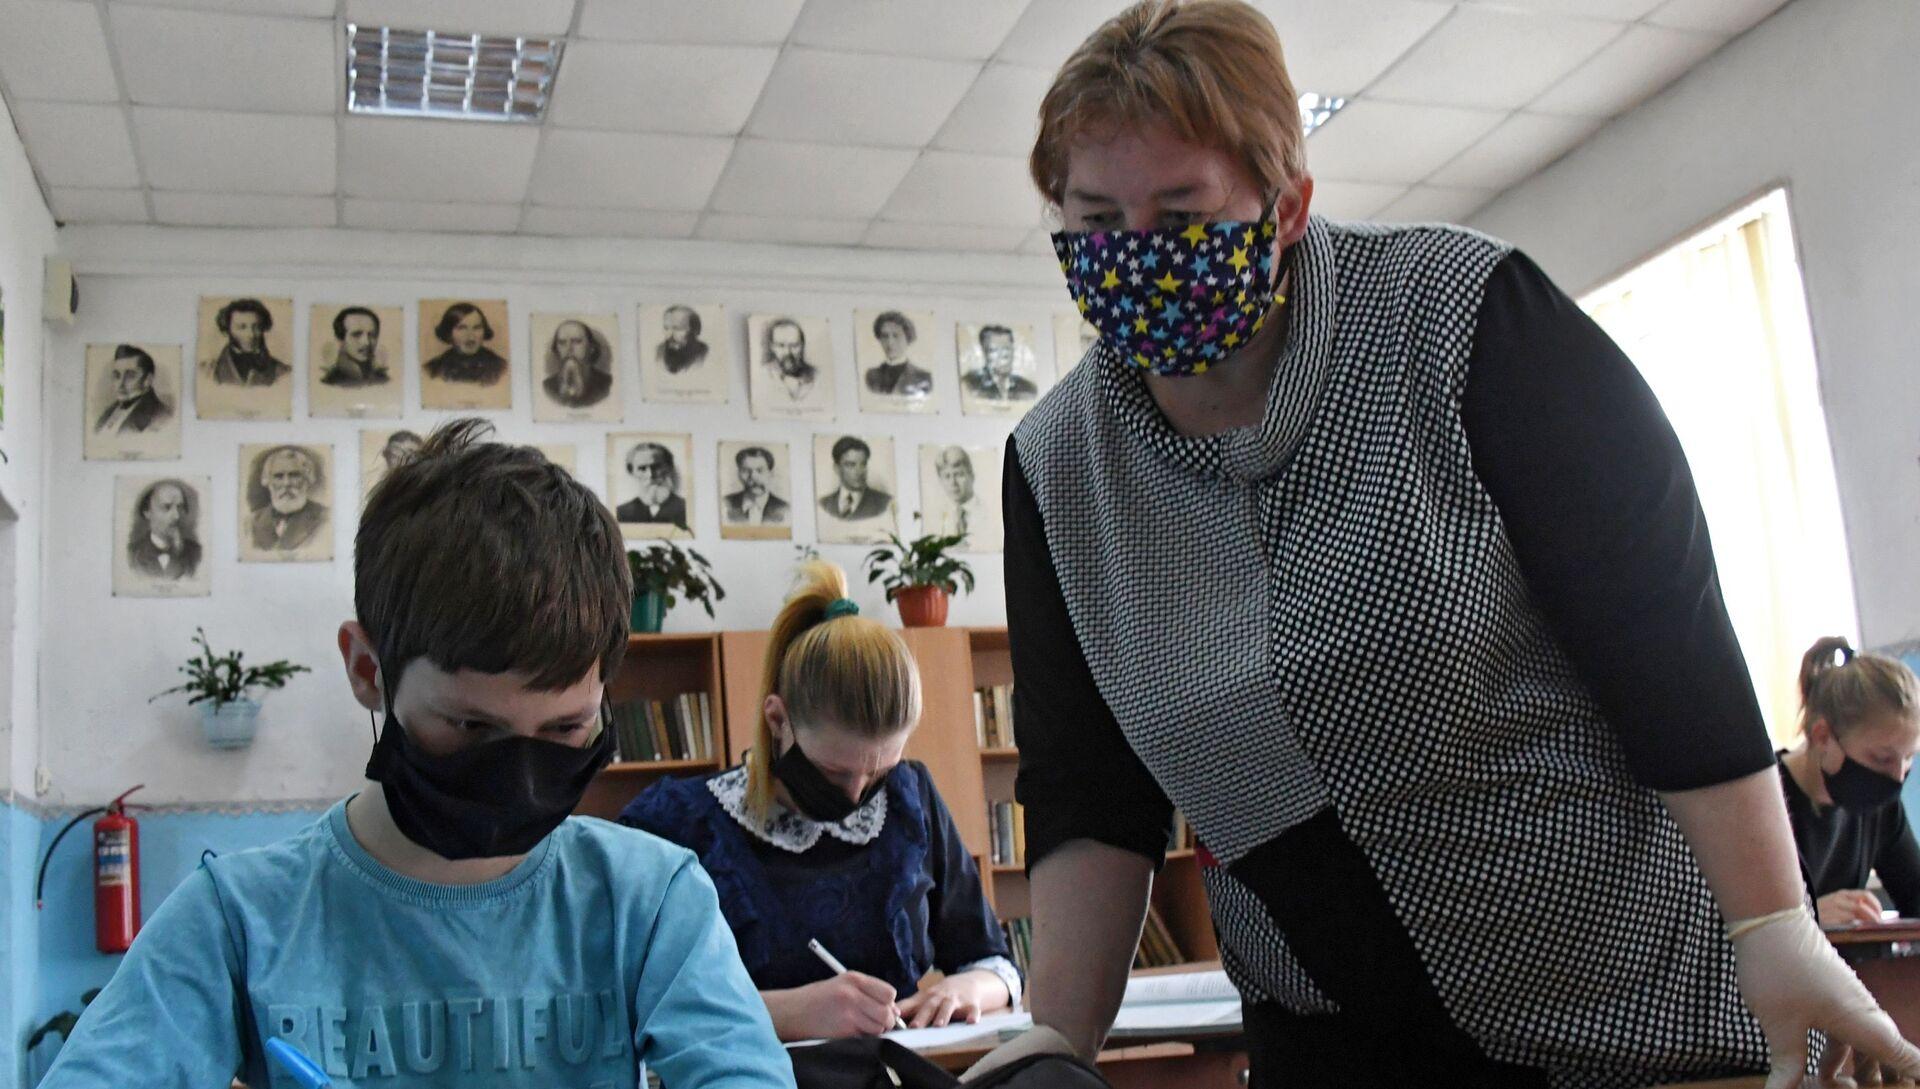 В Приморье возобновили обучение детей в малокомплектных школах - РИА Новости, 1920, 15.09.2020